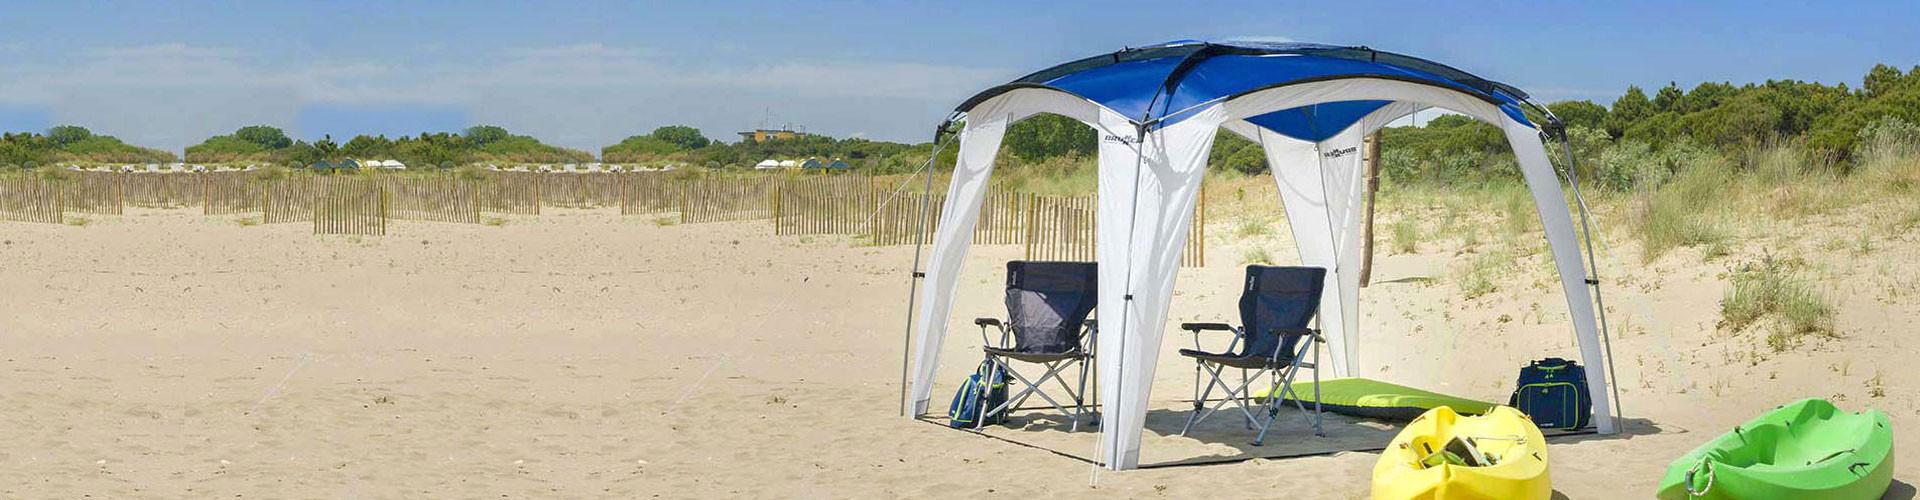 Beach awnings - Kiosks